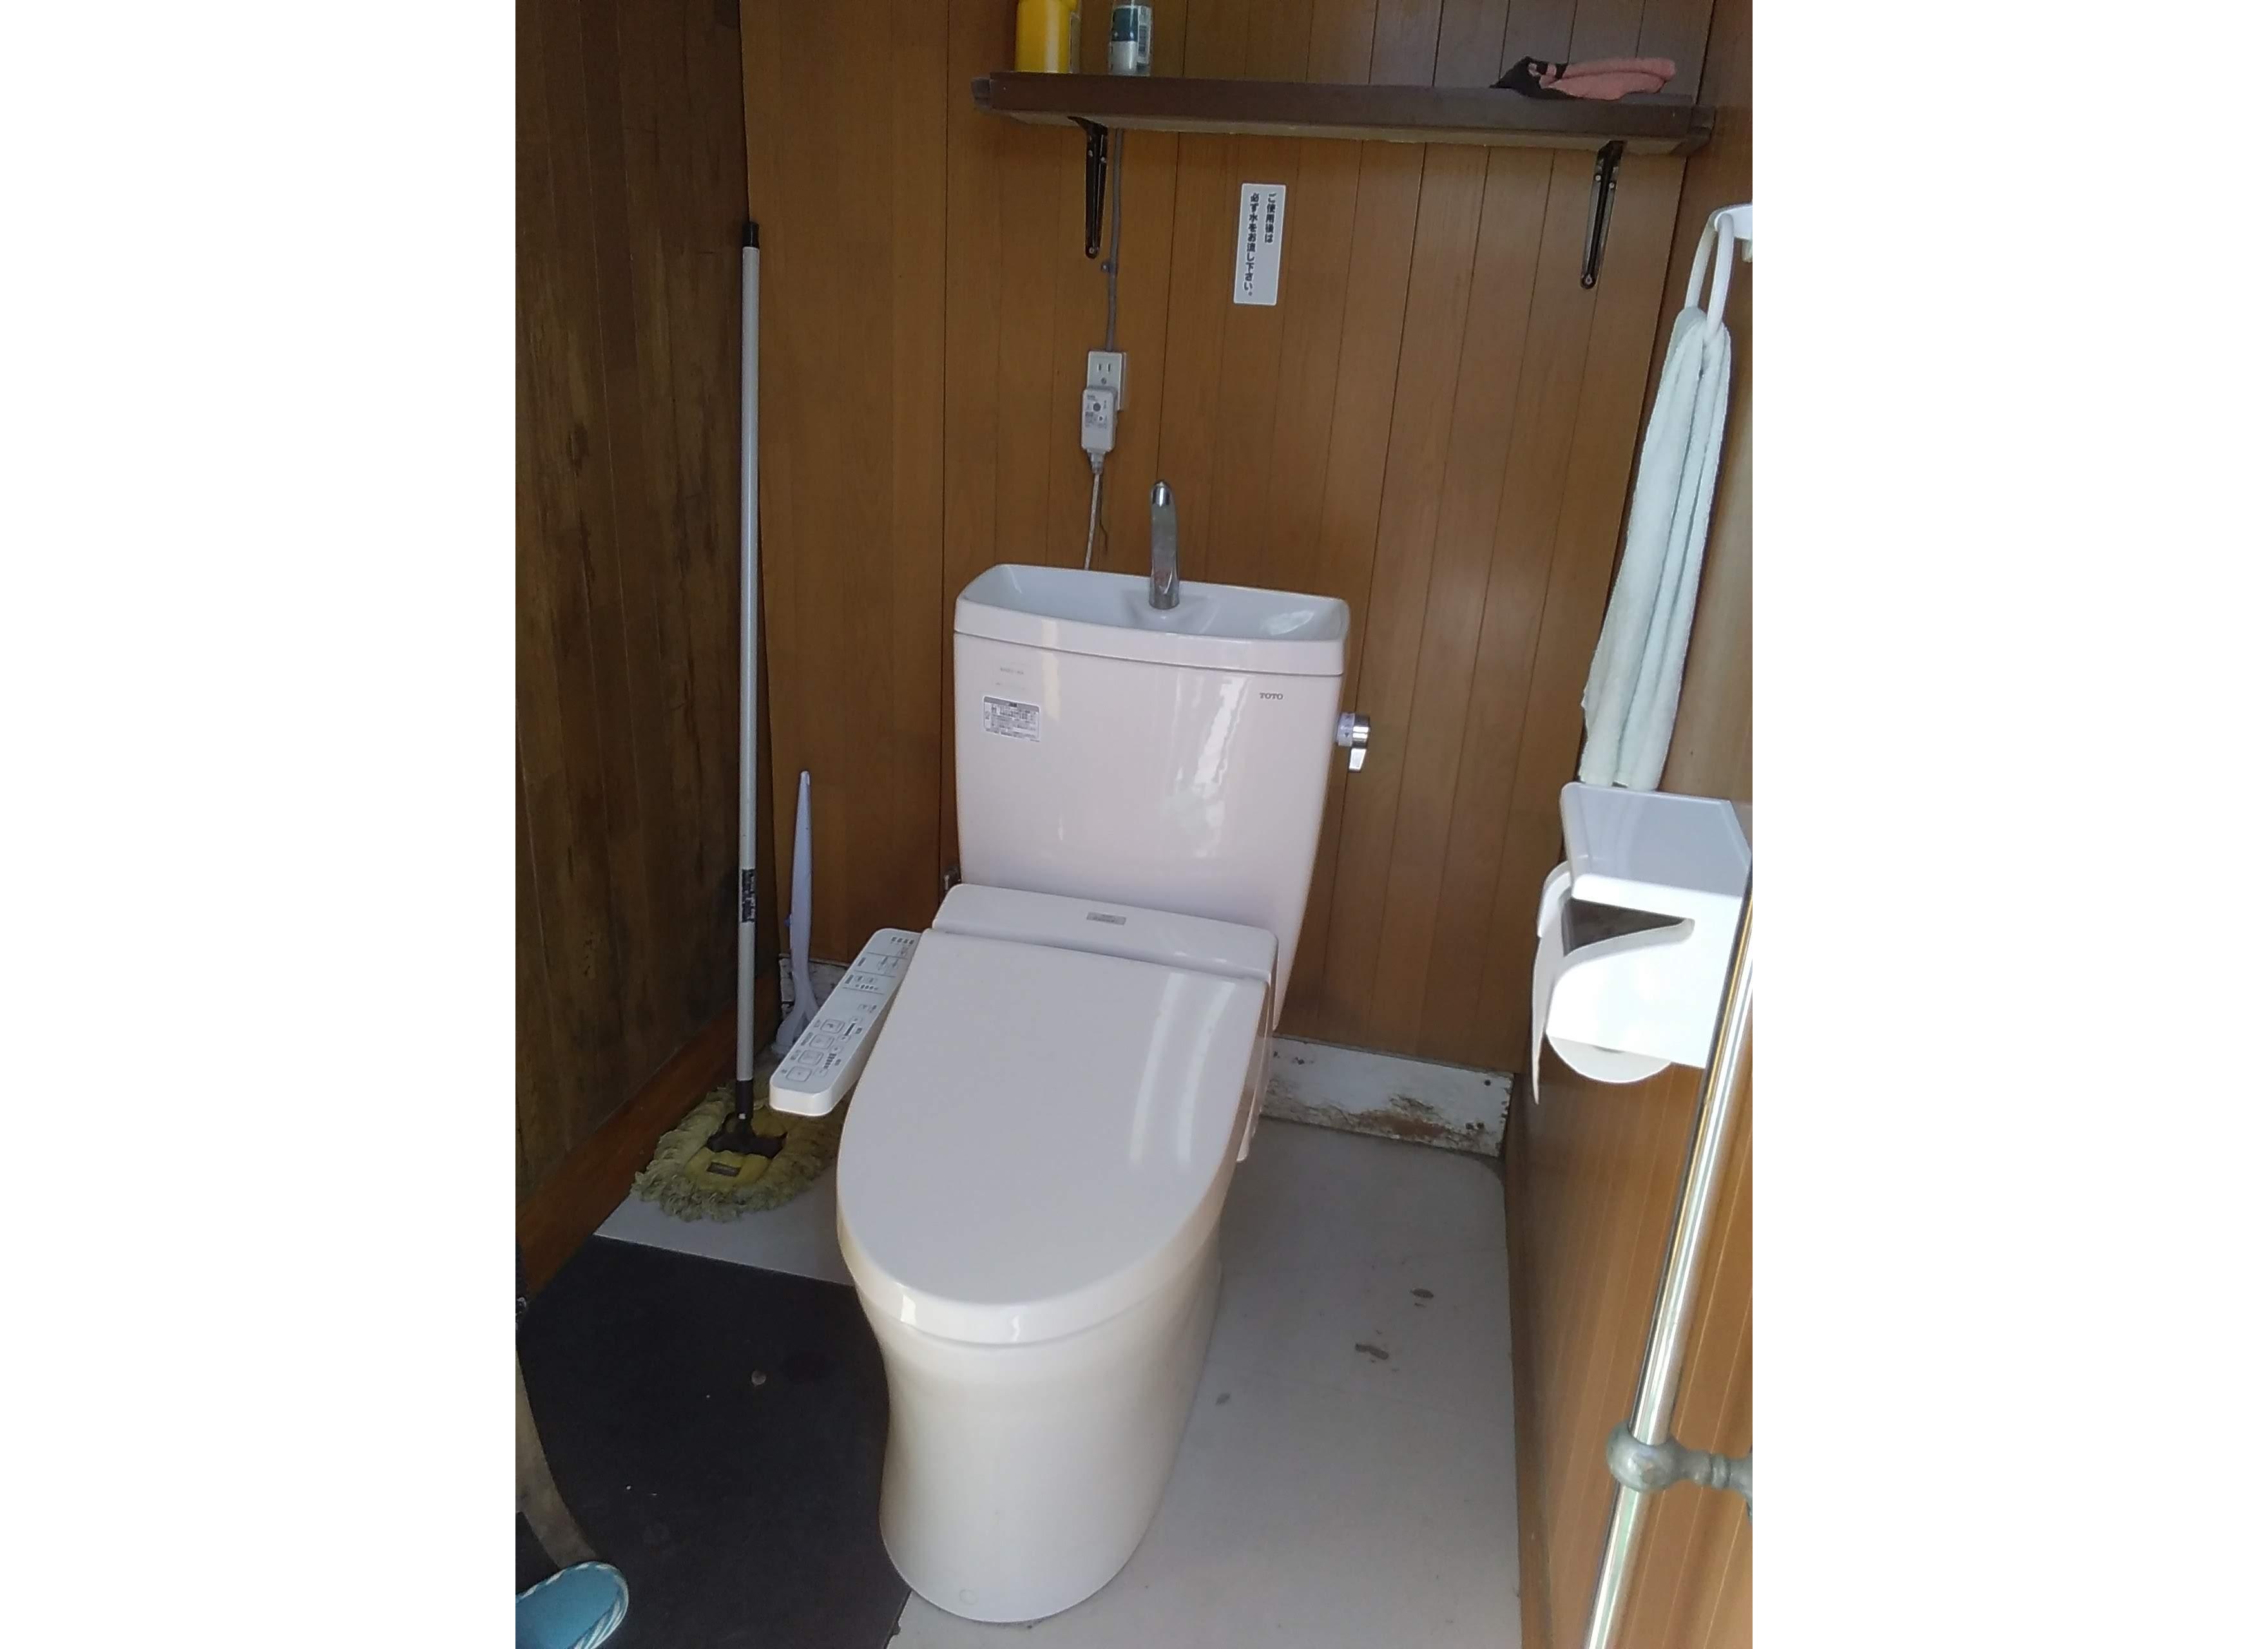 洗浄便座付きです。動物の侵入を防ぐため、利用後は必ず扉を閉め、ひもをかけてください。